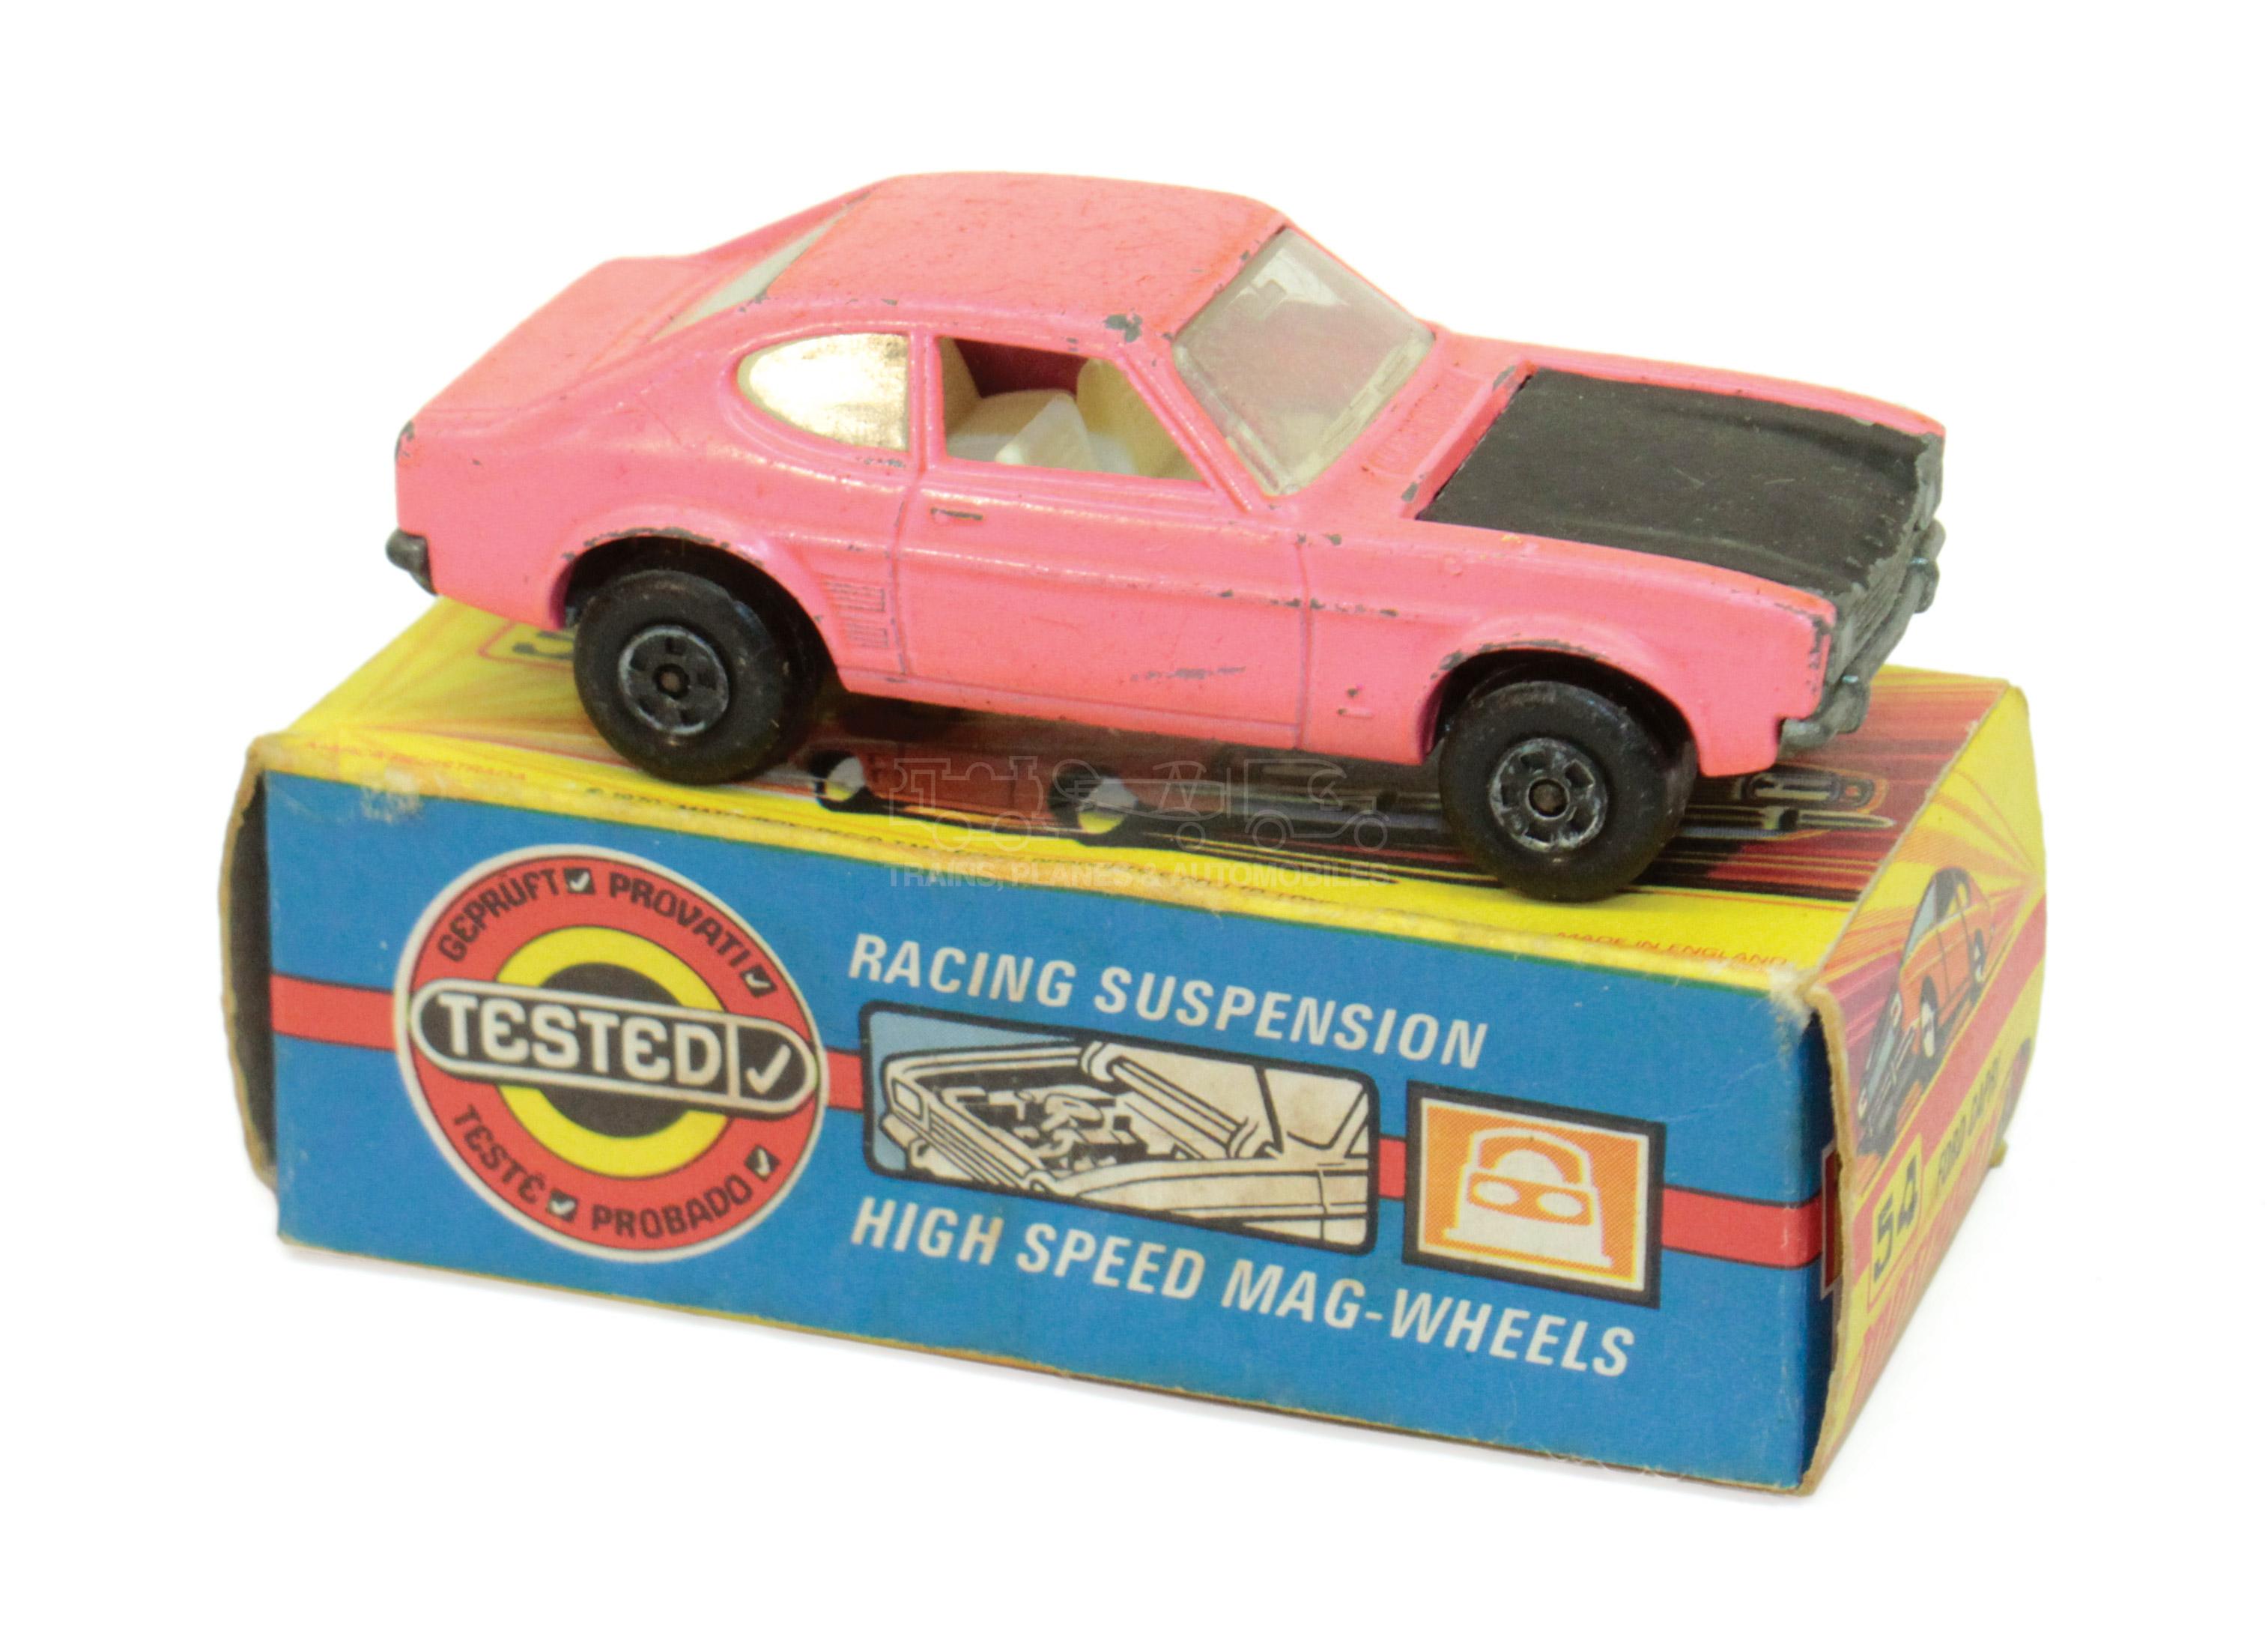 Auction Item